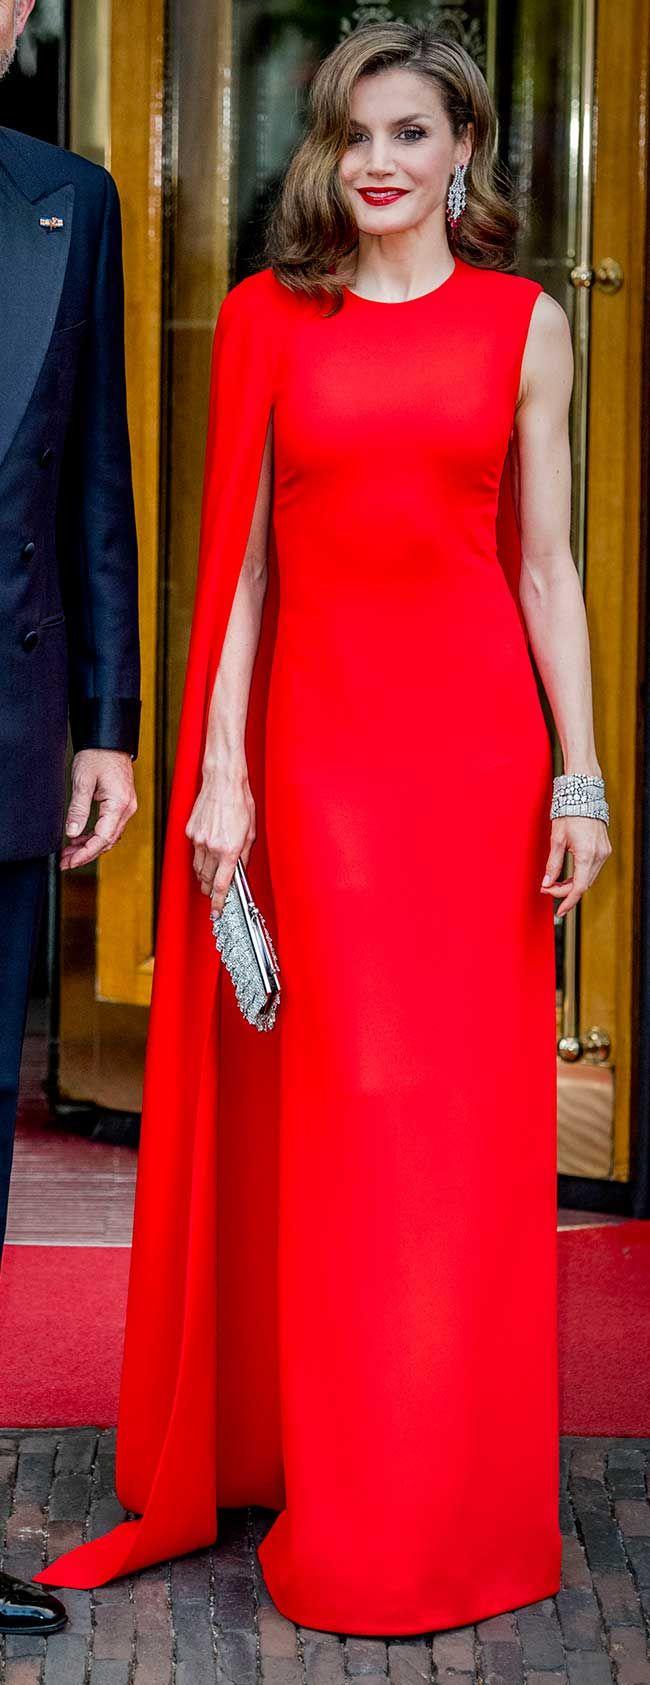 La Reina Letizia ha brillado con un espectacular vestido capa rojo de Stella McCartney en el 50 cumpleaños del rey Guillermo de Holanda.